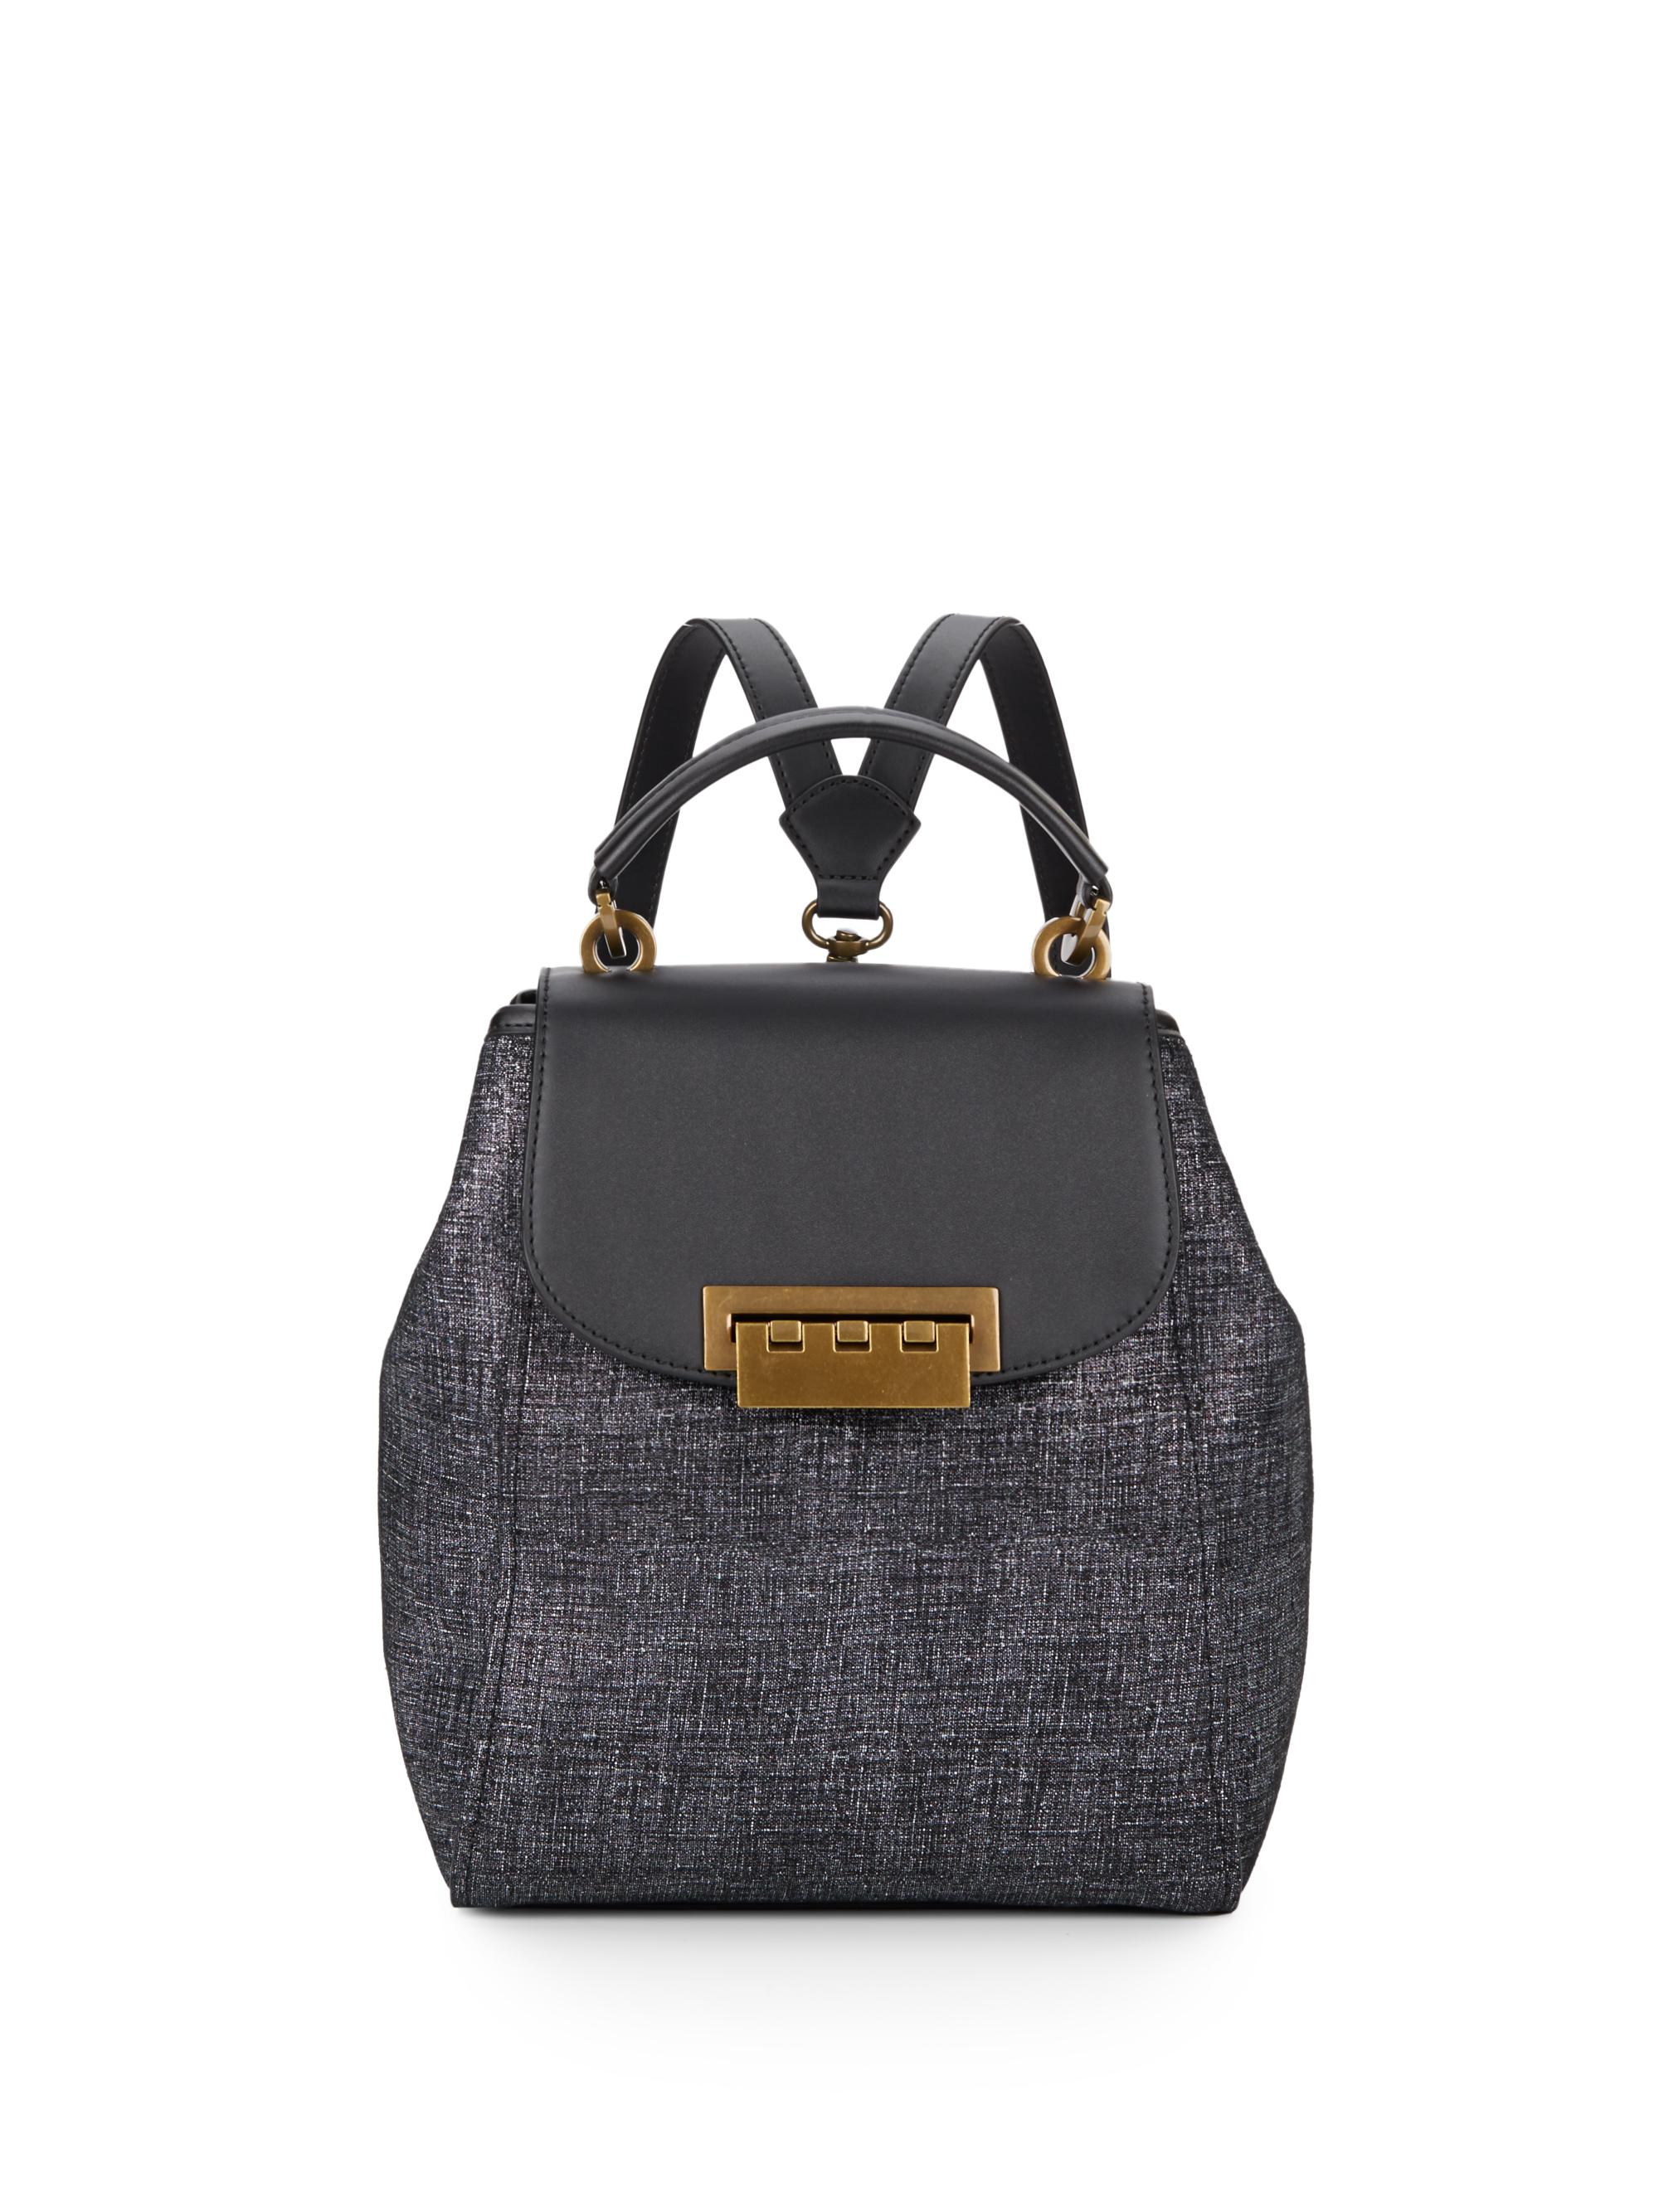 Handbags-038.JPG